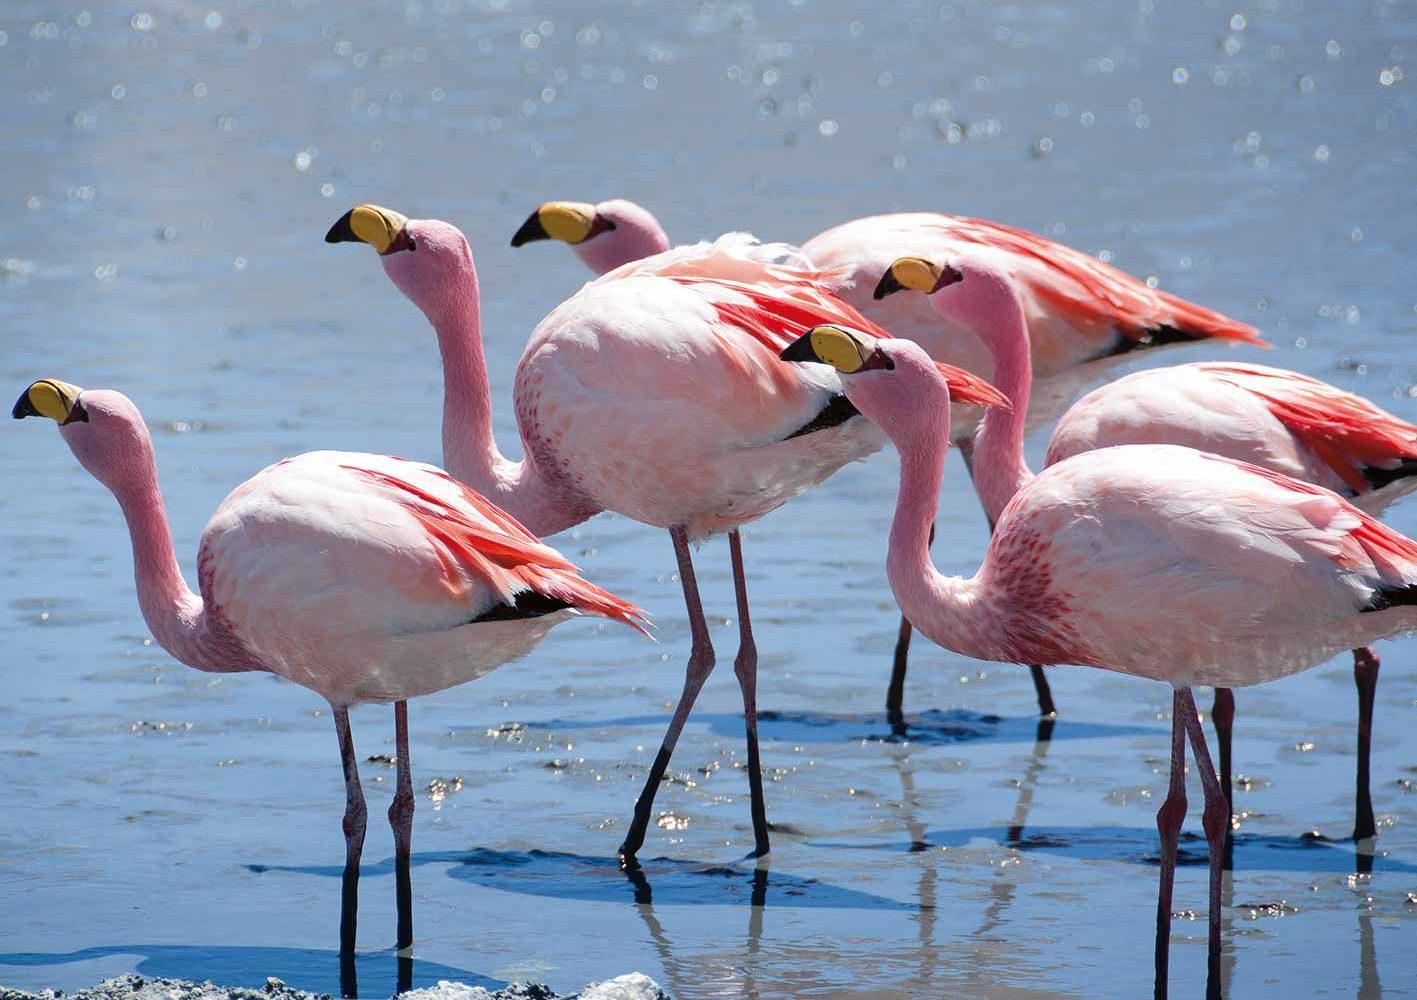 Sie sehen Lagunen mit Flamingos